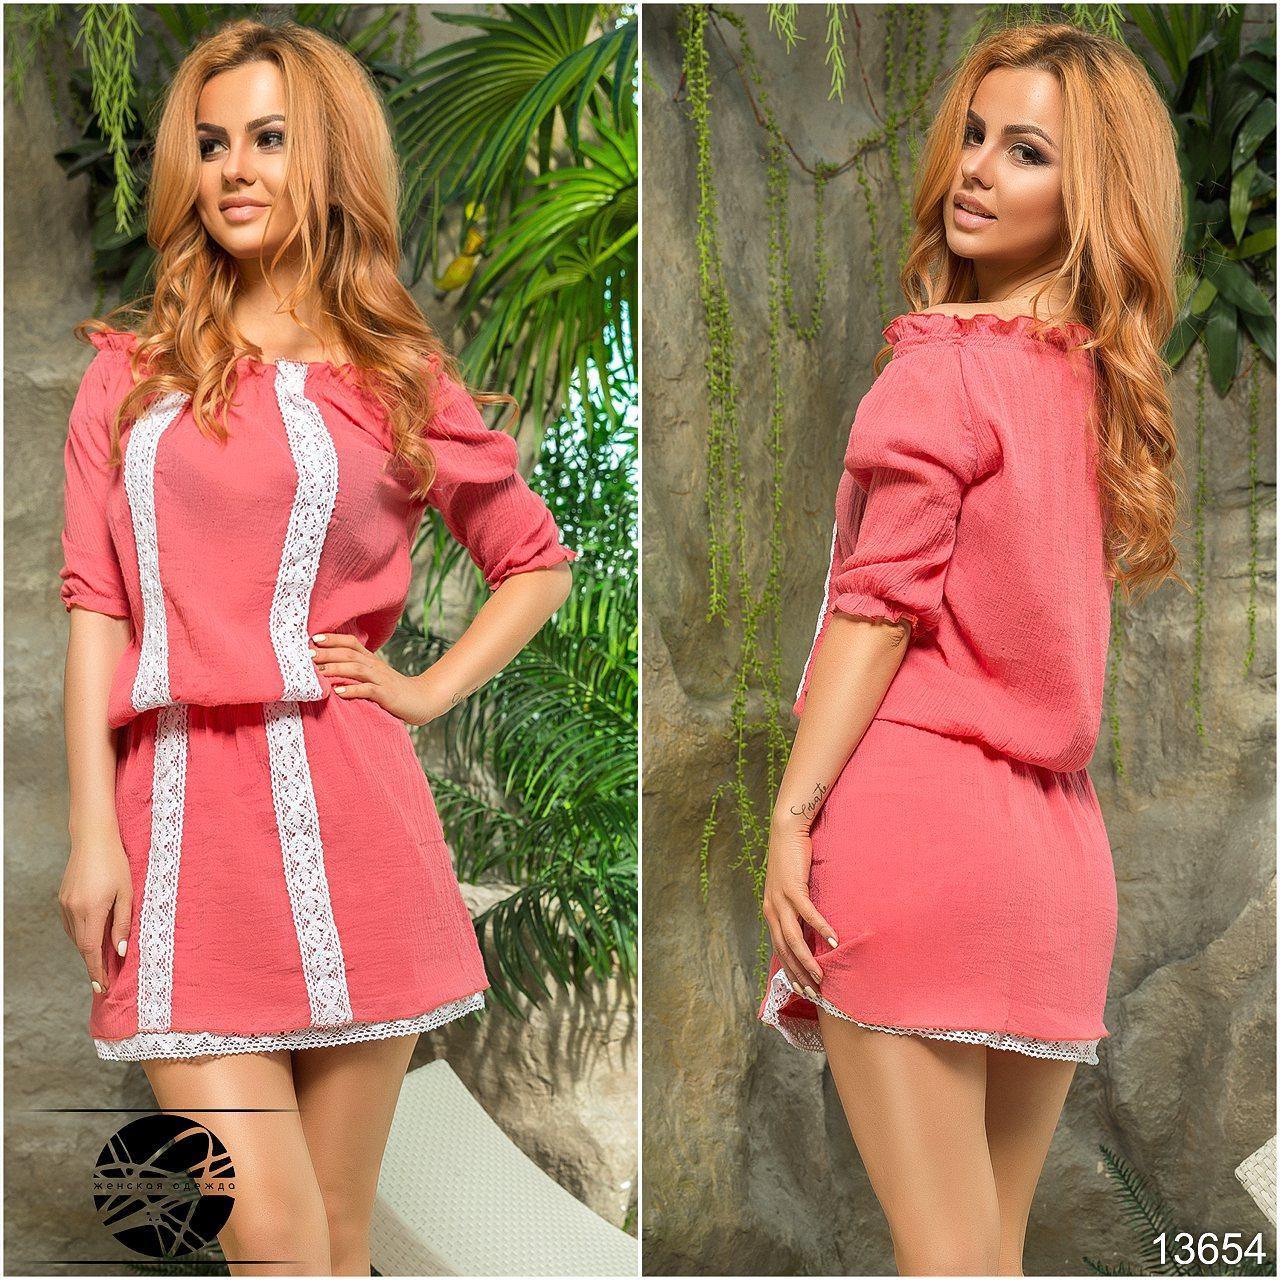 e046b1095d3 Купить Коралловое летнее платье с кружевом. Модель 13654. в Одессе ...